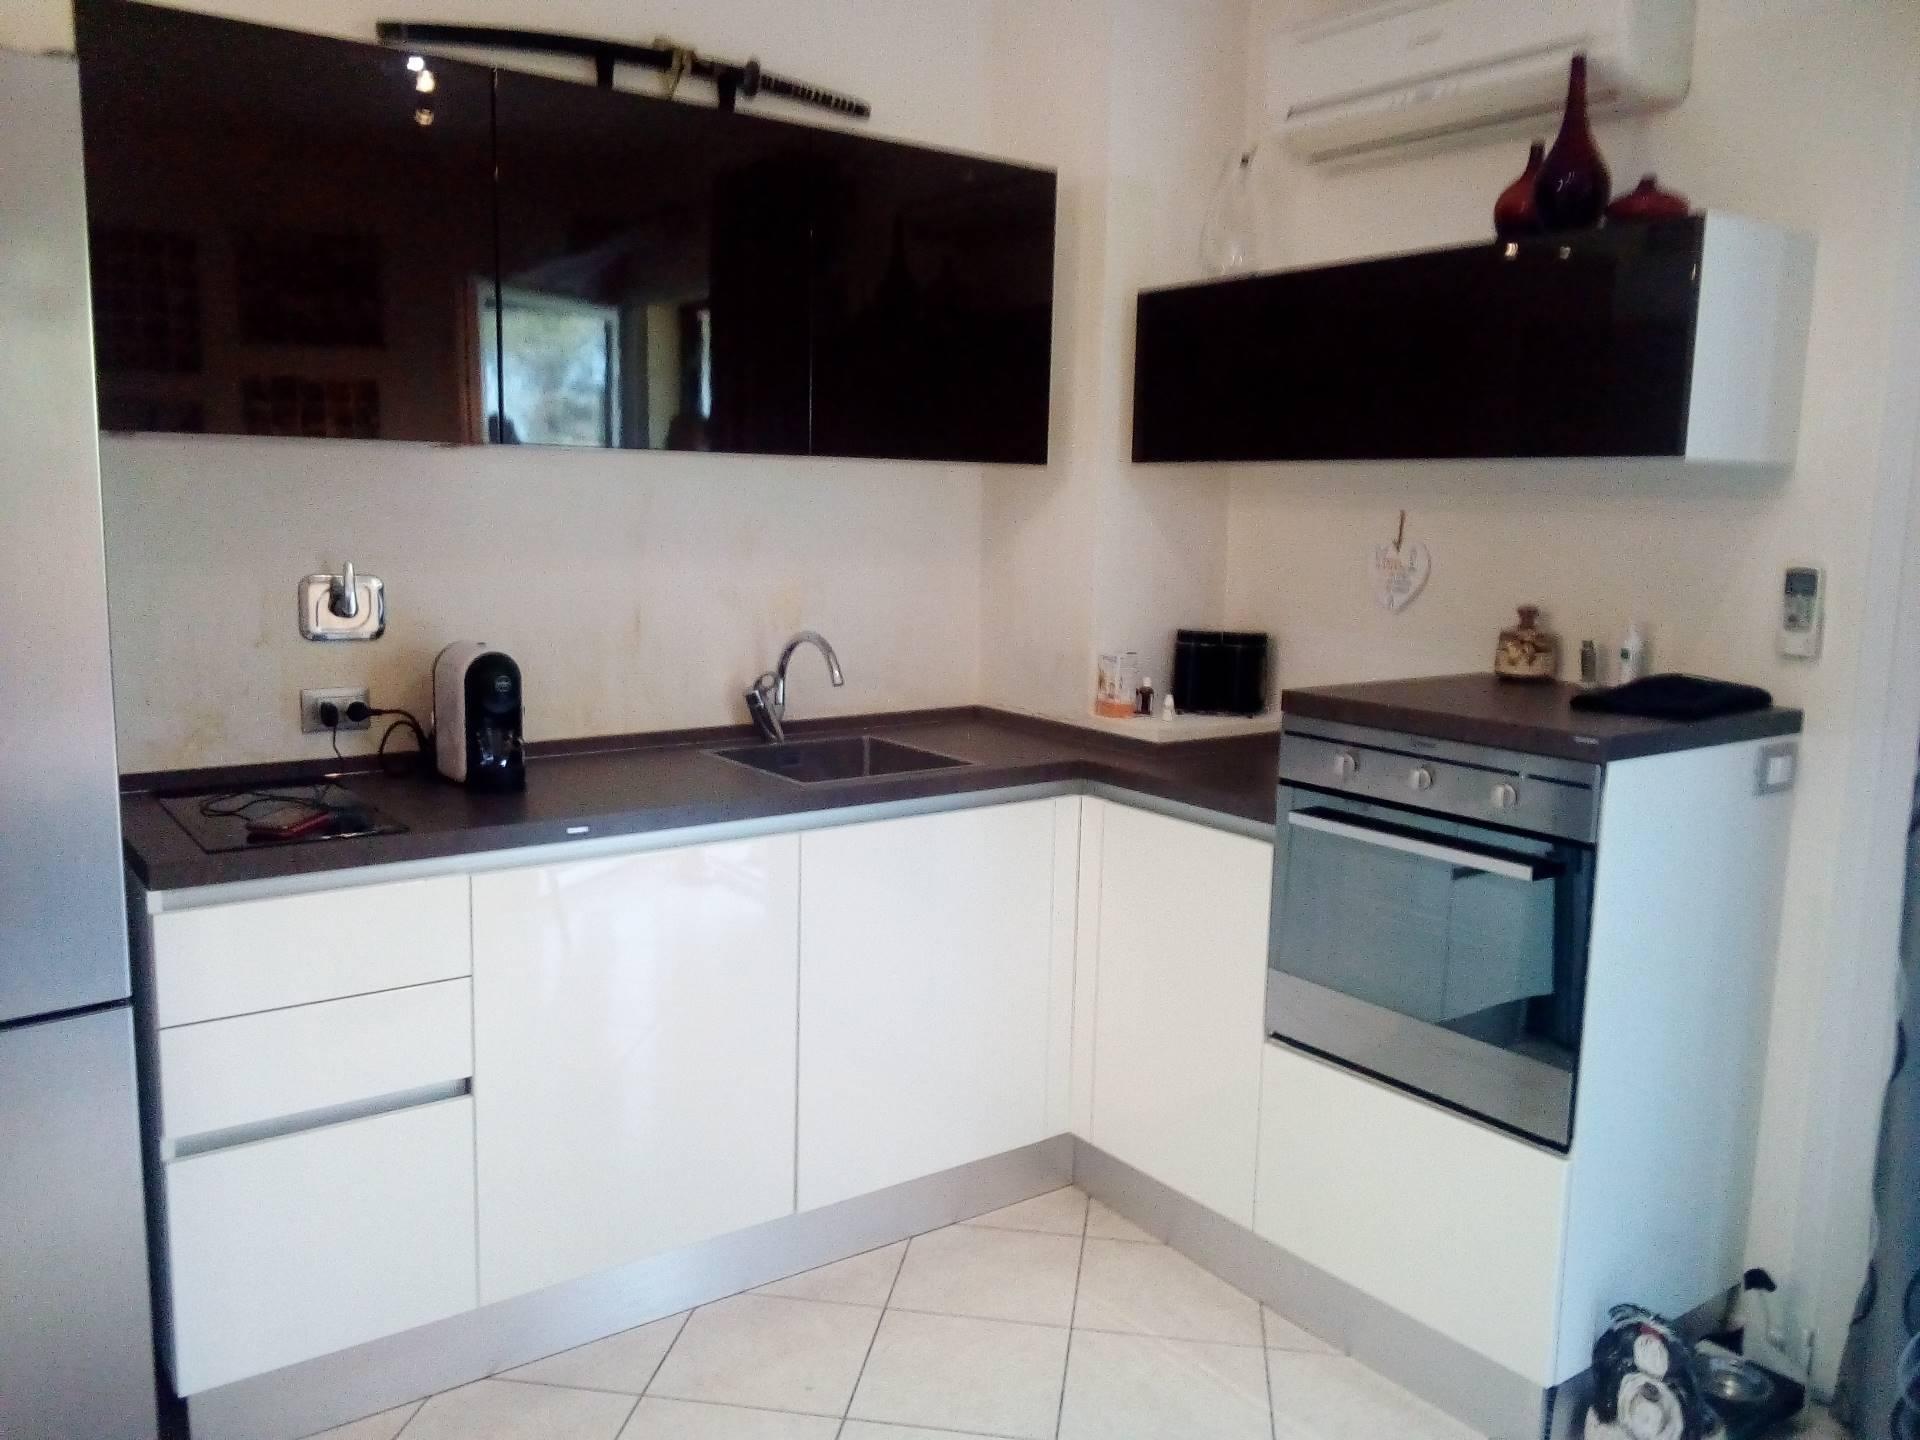 Appartamento in vendita a Collesalvetti, 5 locali, zona Località: Collesalvetti, prezzo € 185.000 | PortaleAgenzieImmobiliari.it